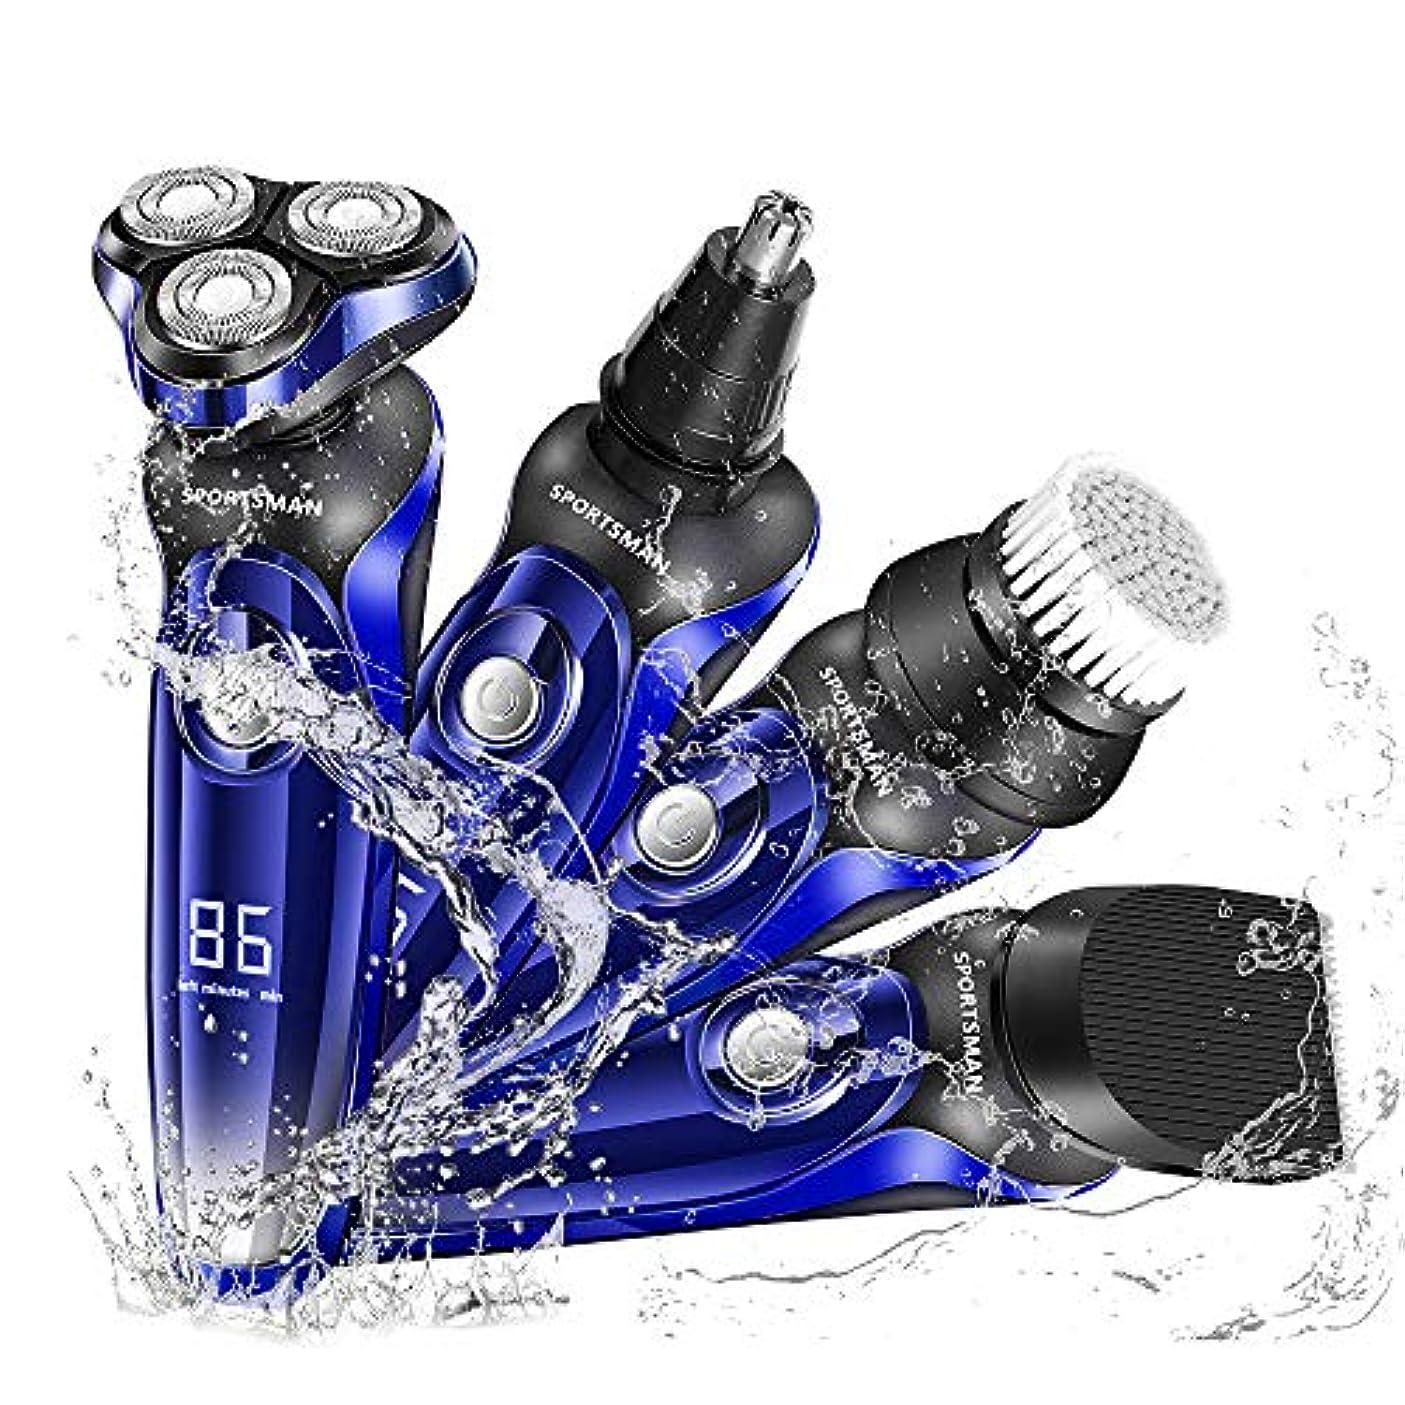 矢印致命的な環境保護主義者シェーバー 電気シェーバー 電動シェーバー メンズ 髭剃り 電動バリカン 一台四役 鼻毛カッター 洗顔ブラシ付き 回転式ロータ リシェーバー USB充電式 LEDディスプレイ IPX7防水 丸洗い可